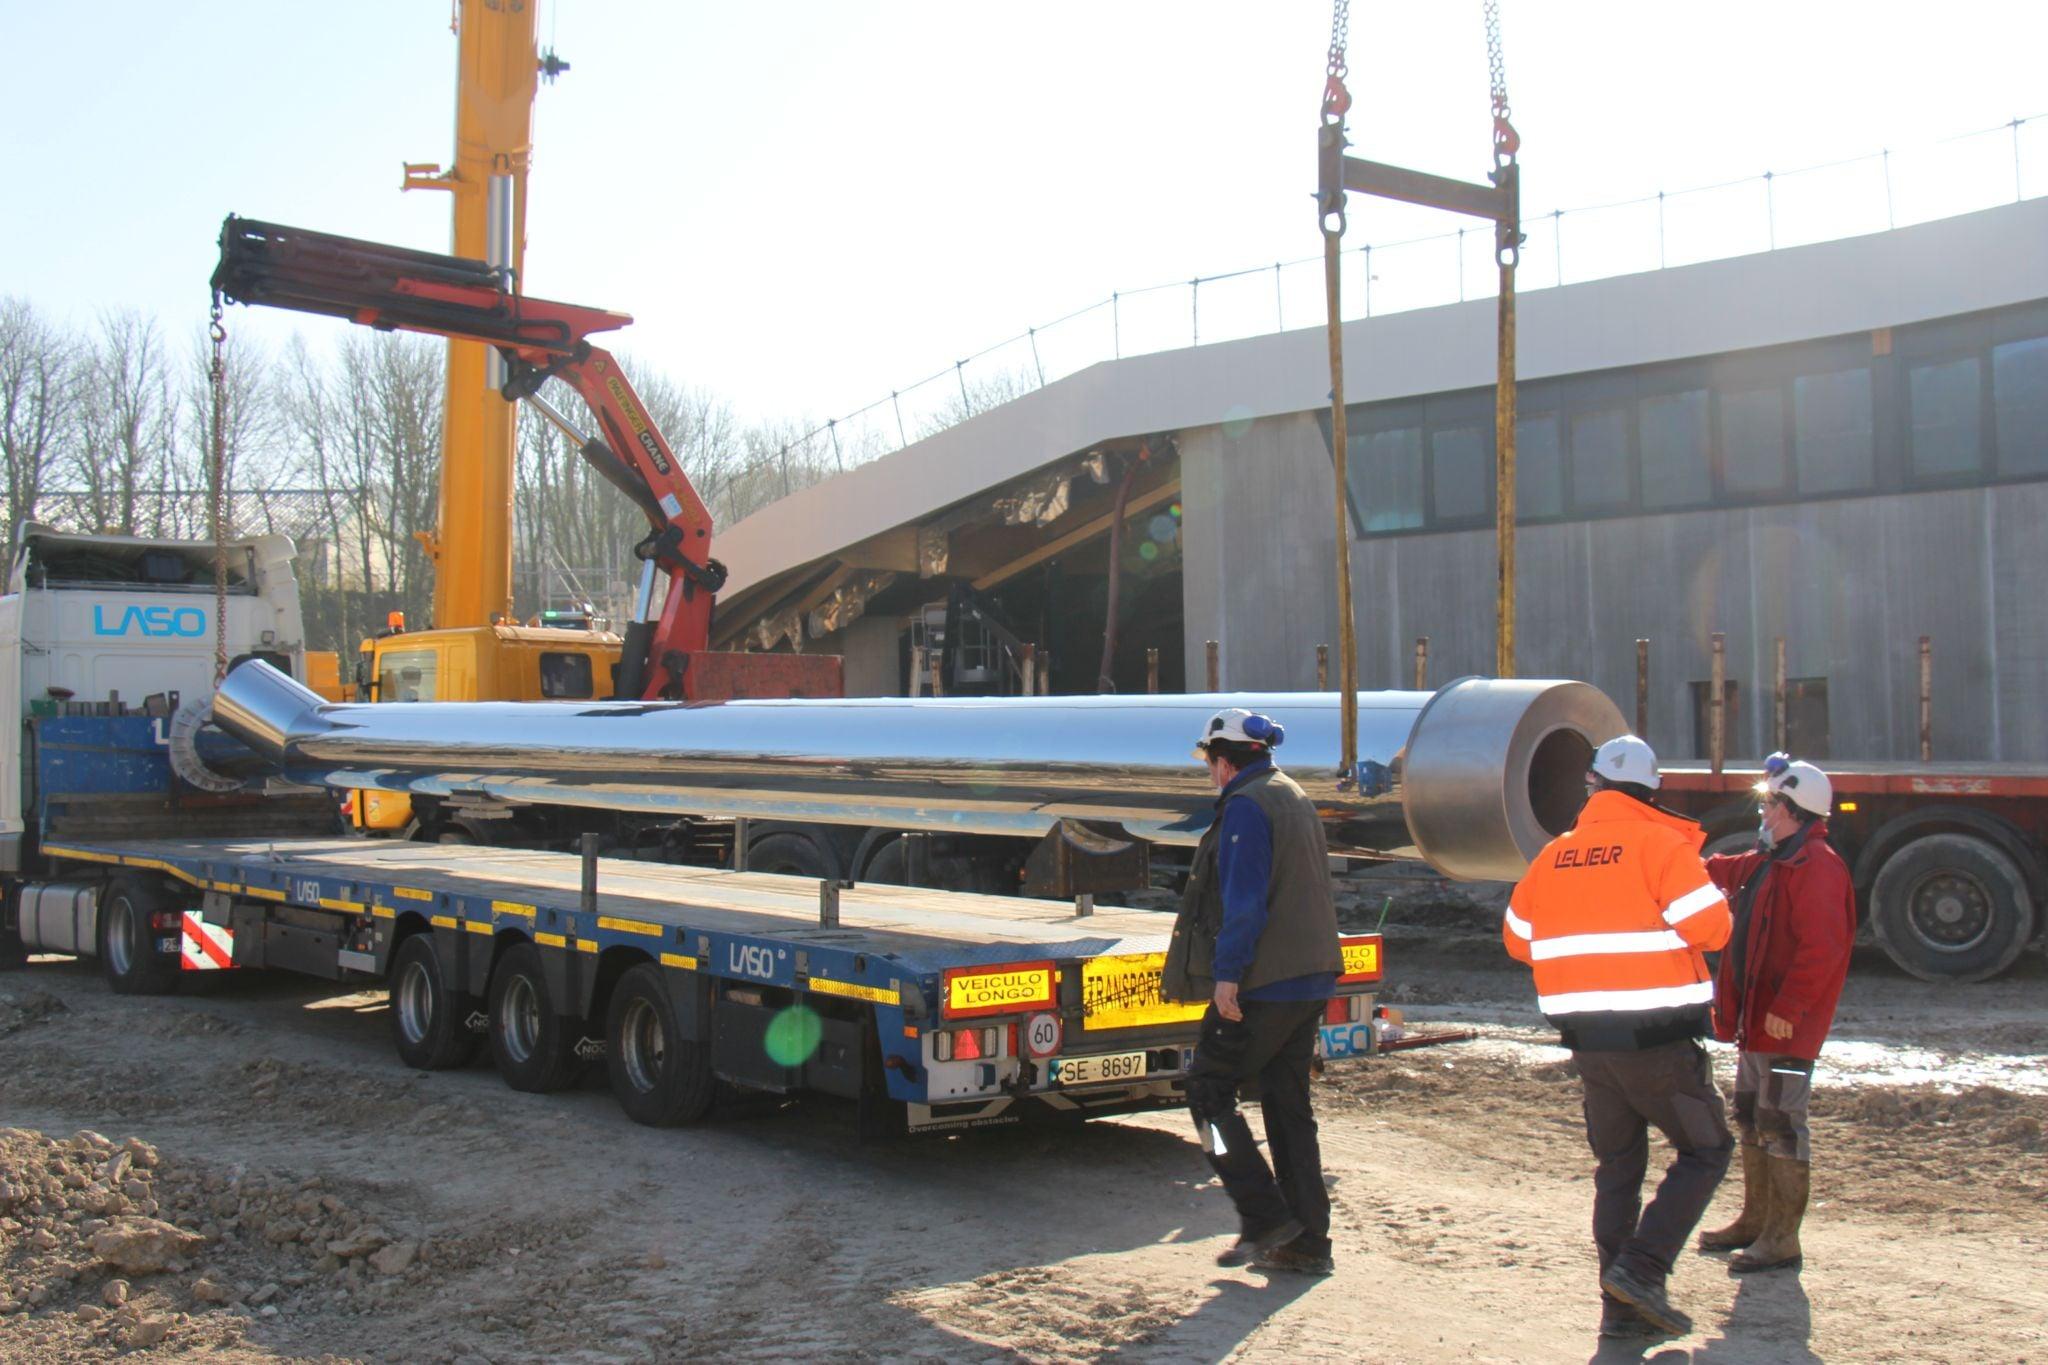 Levage et pose d'une cheminée de 3 tonnes à Desvres pour la communauté de communes de Desvres Samer